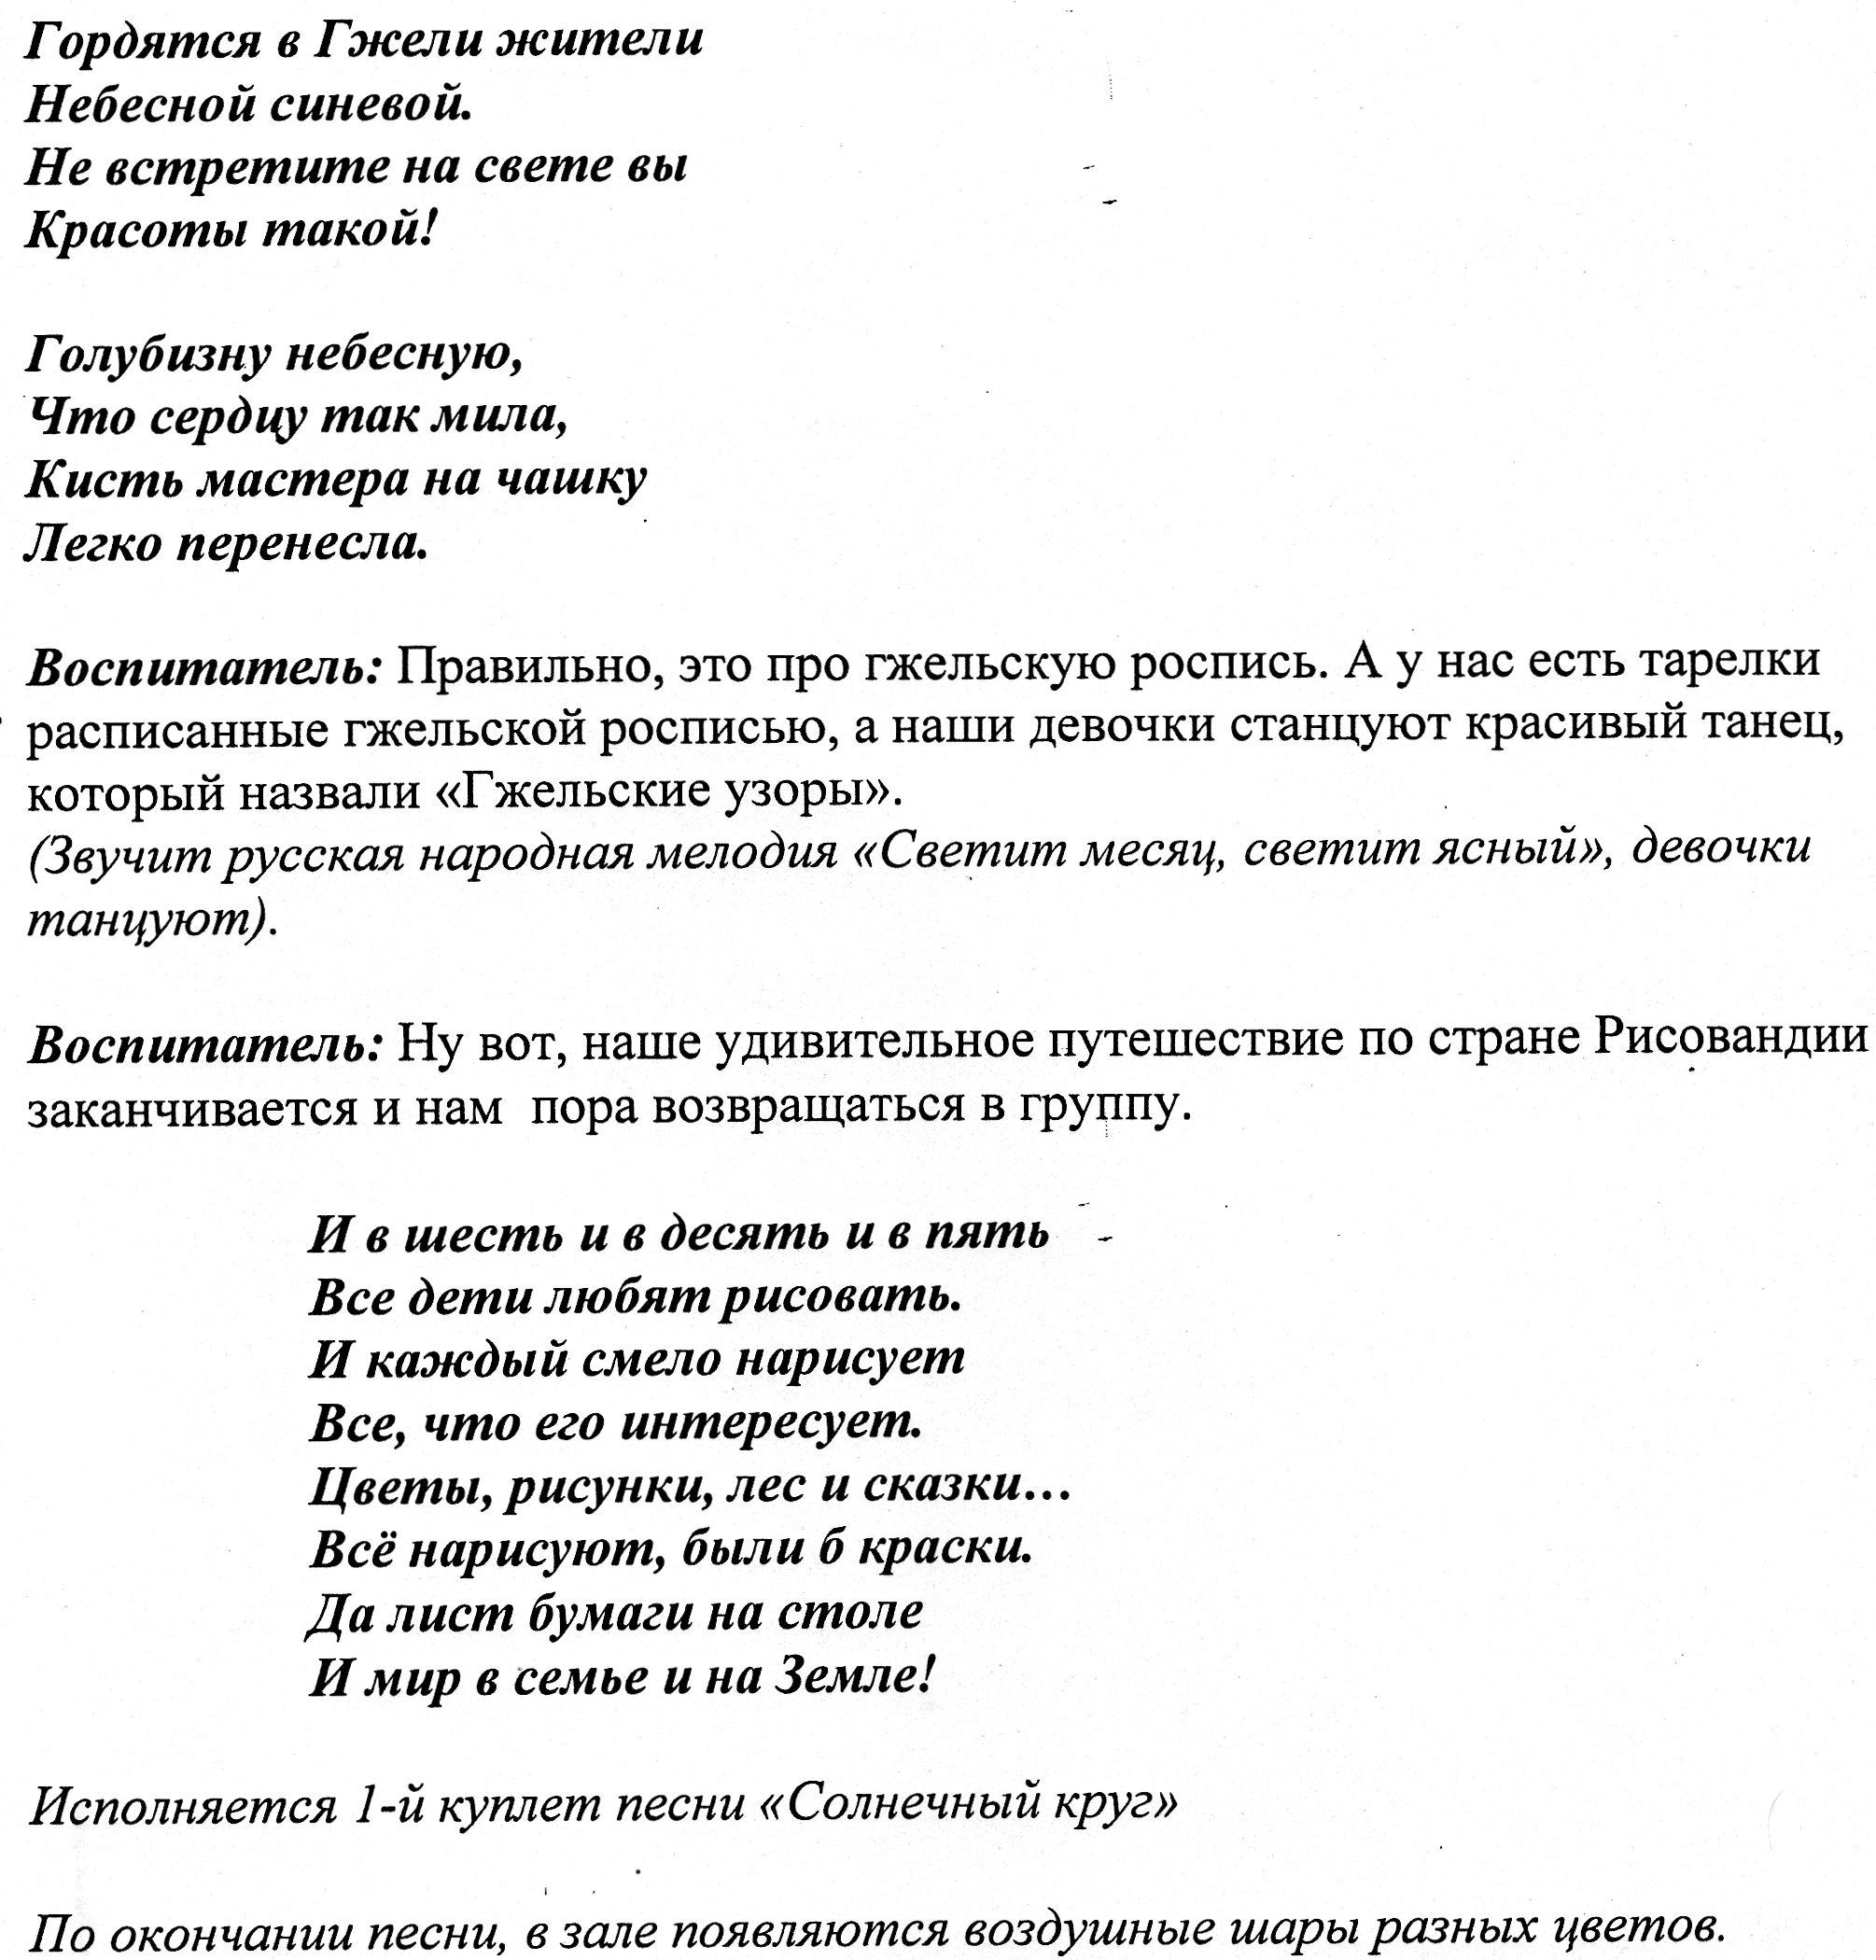 C:\Users\Щербаковы\Pictures\img021.jpg